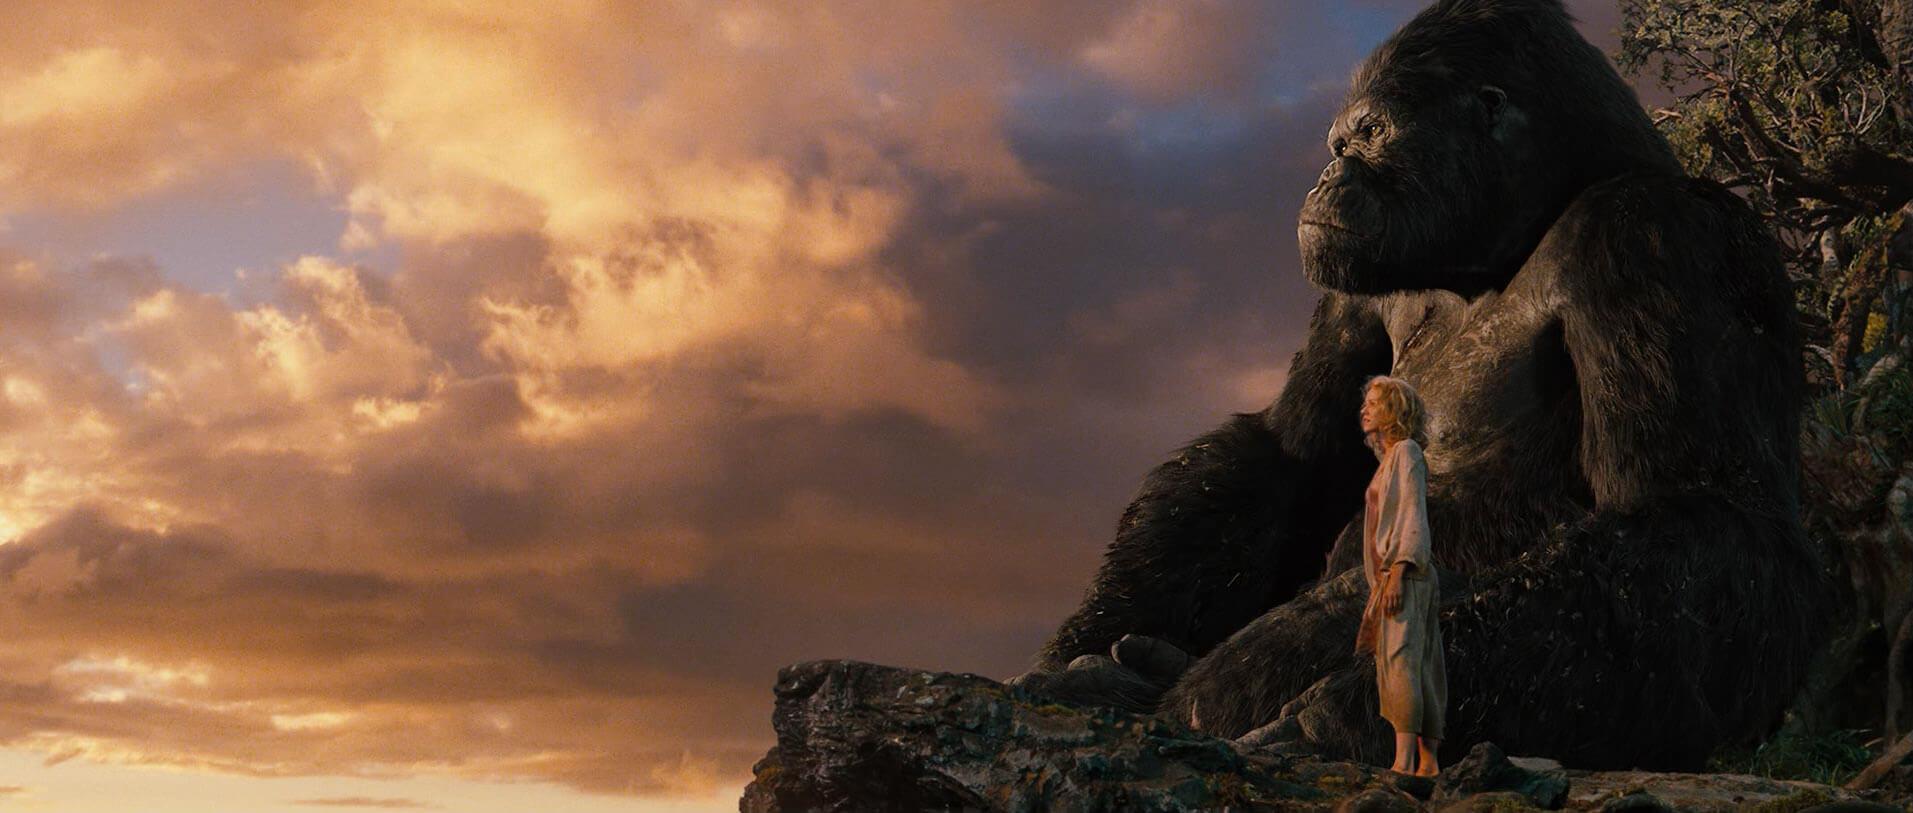 King Kong et Naomi Watts face à l'horizon - article sur la surefficience mentale